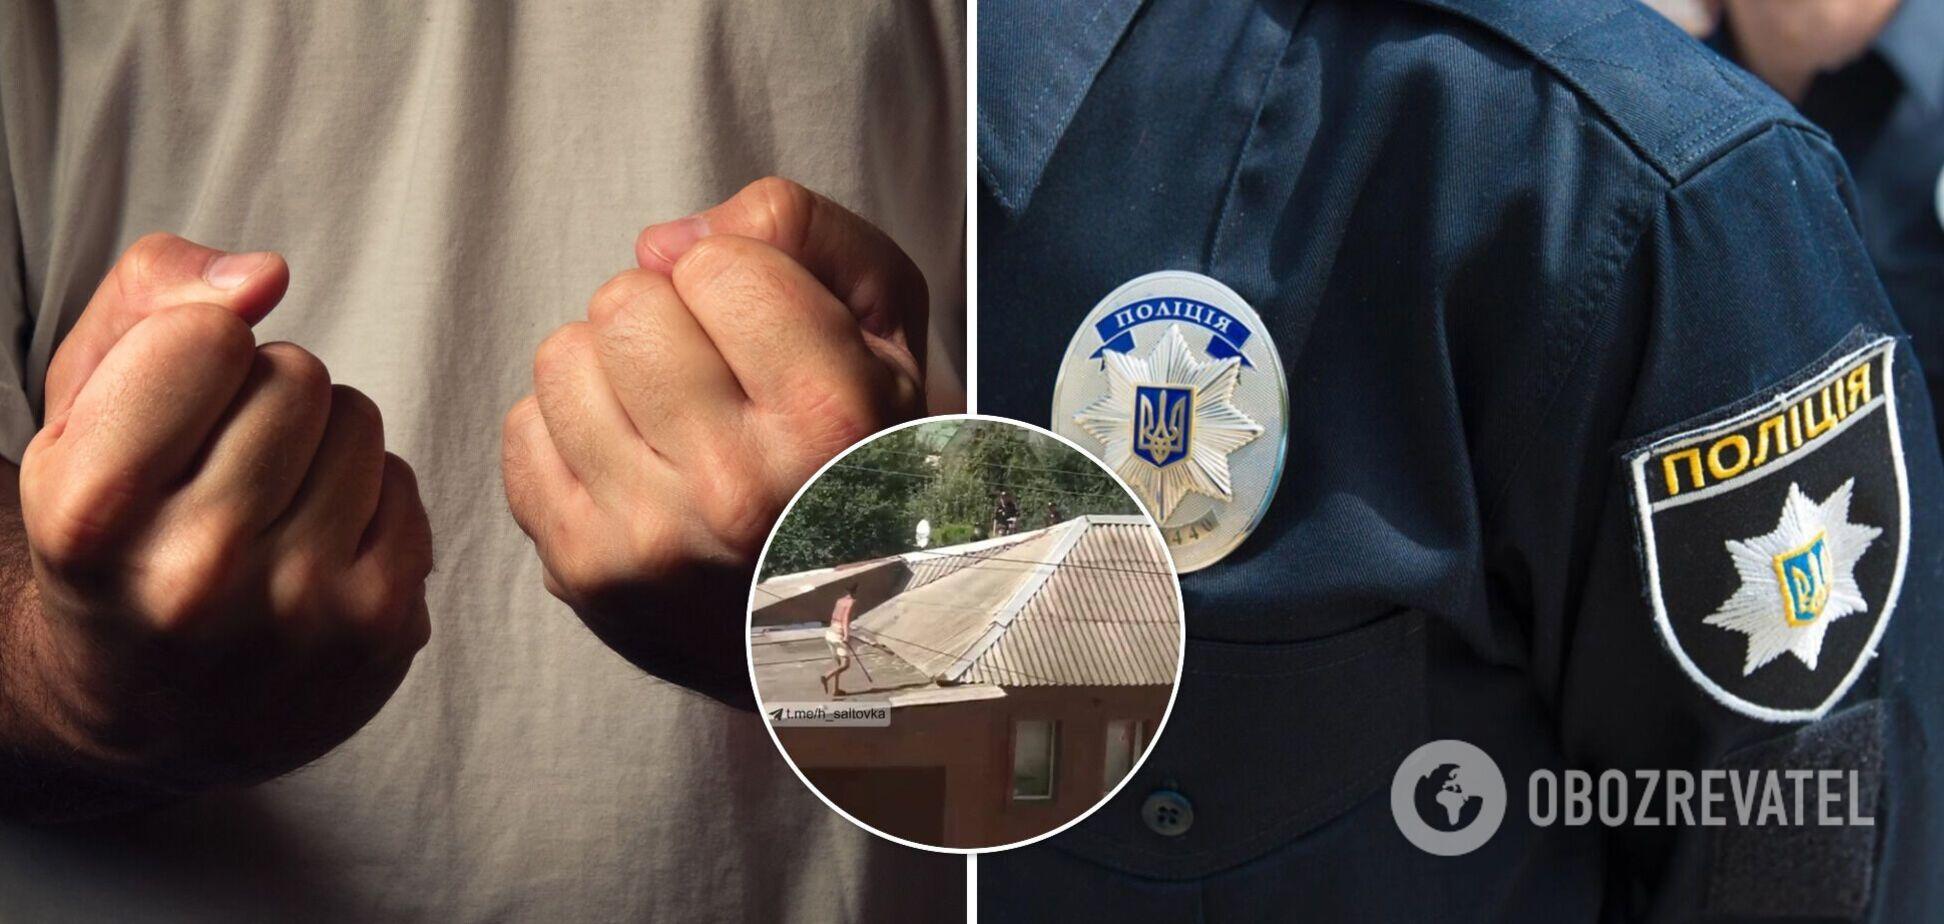 В Харькове полуголый мужчина устроил драку с полицией на крыше дома, один полицейский сорвался вниз. Видео